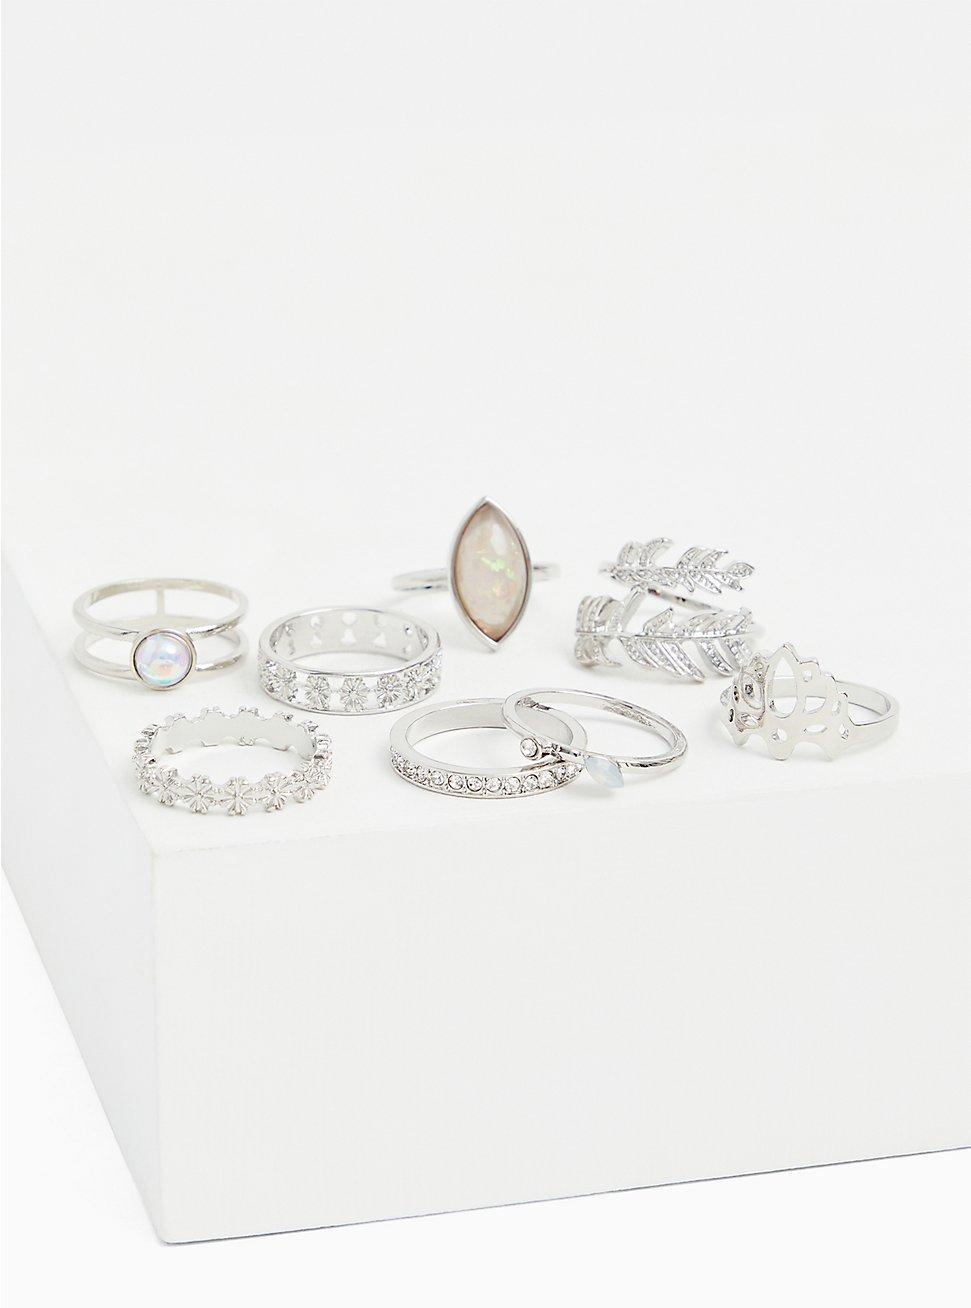 Silver-Tone Rhinestone Leaf Ring Set - Set of 8, SILVER, hi-res